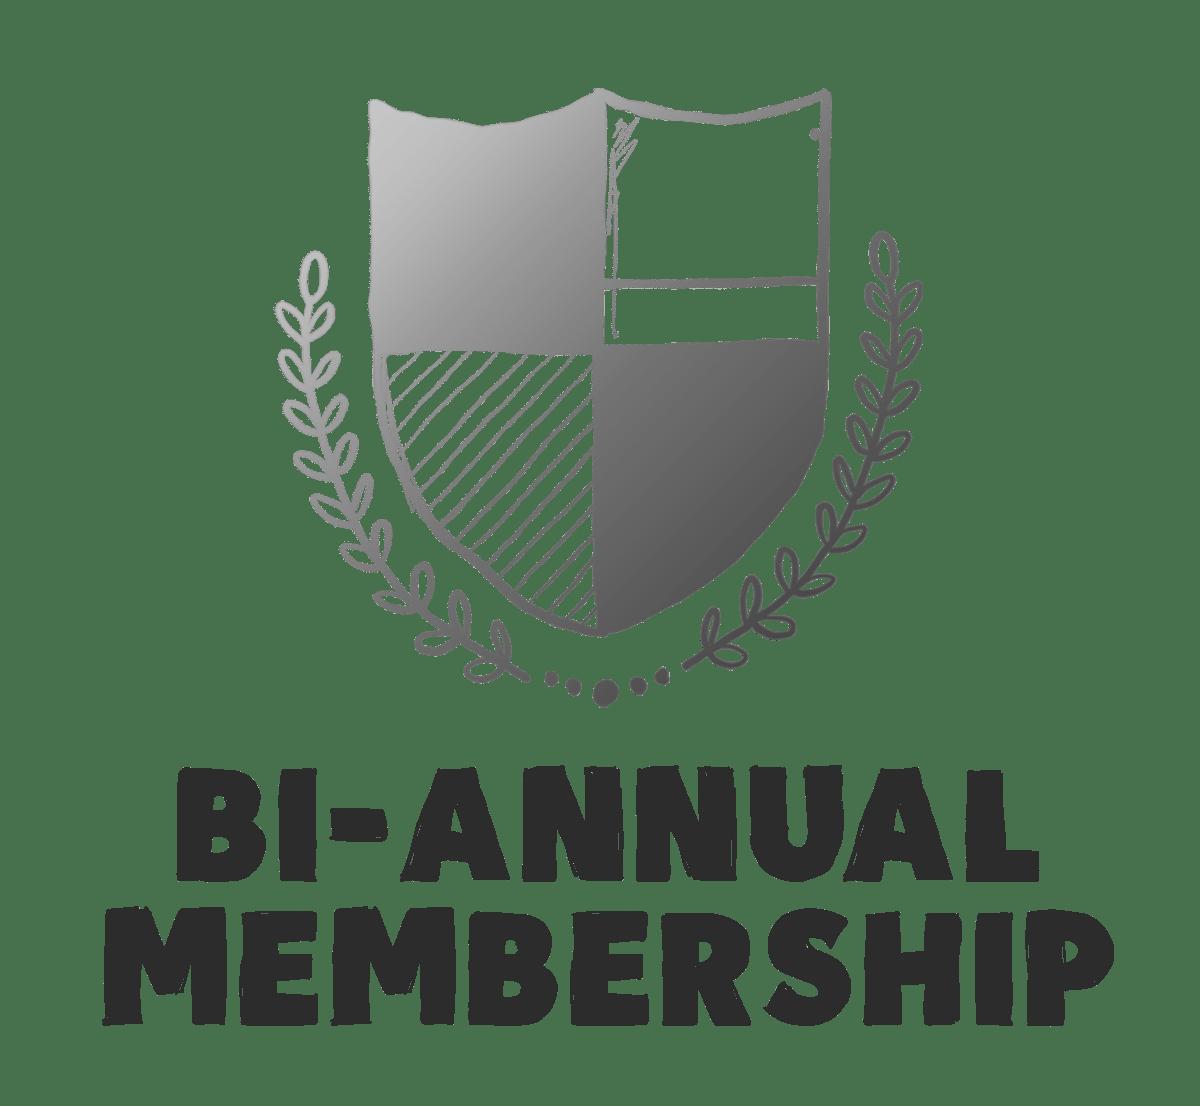 Bi-Annual Membership